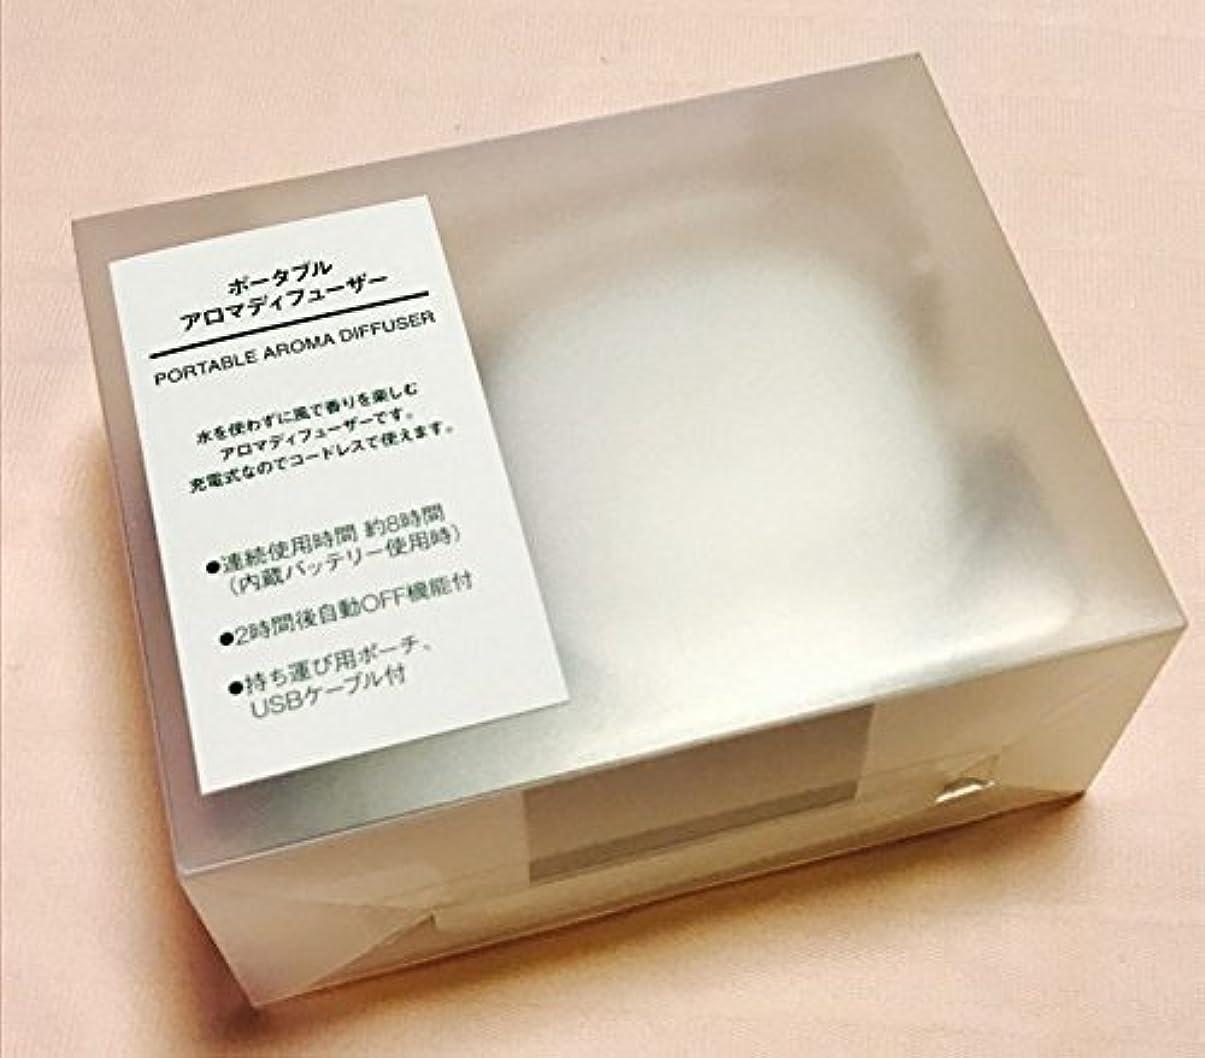 オフナプキン色無印良品 ポータブルアロマディフューザー 型番:MJ‐PAD1